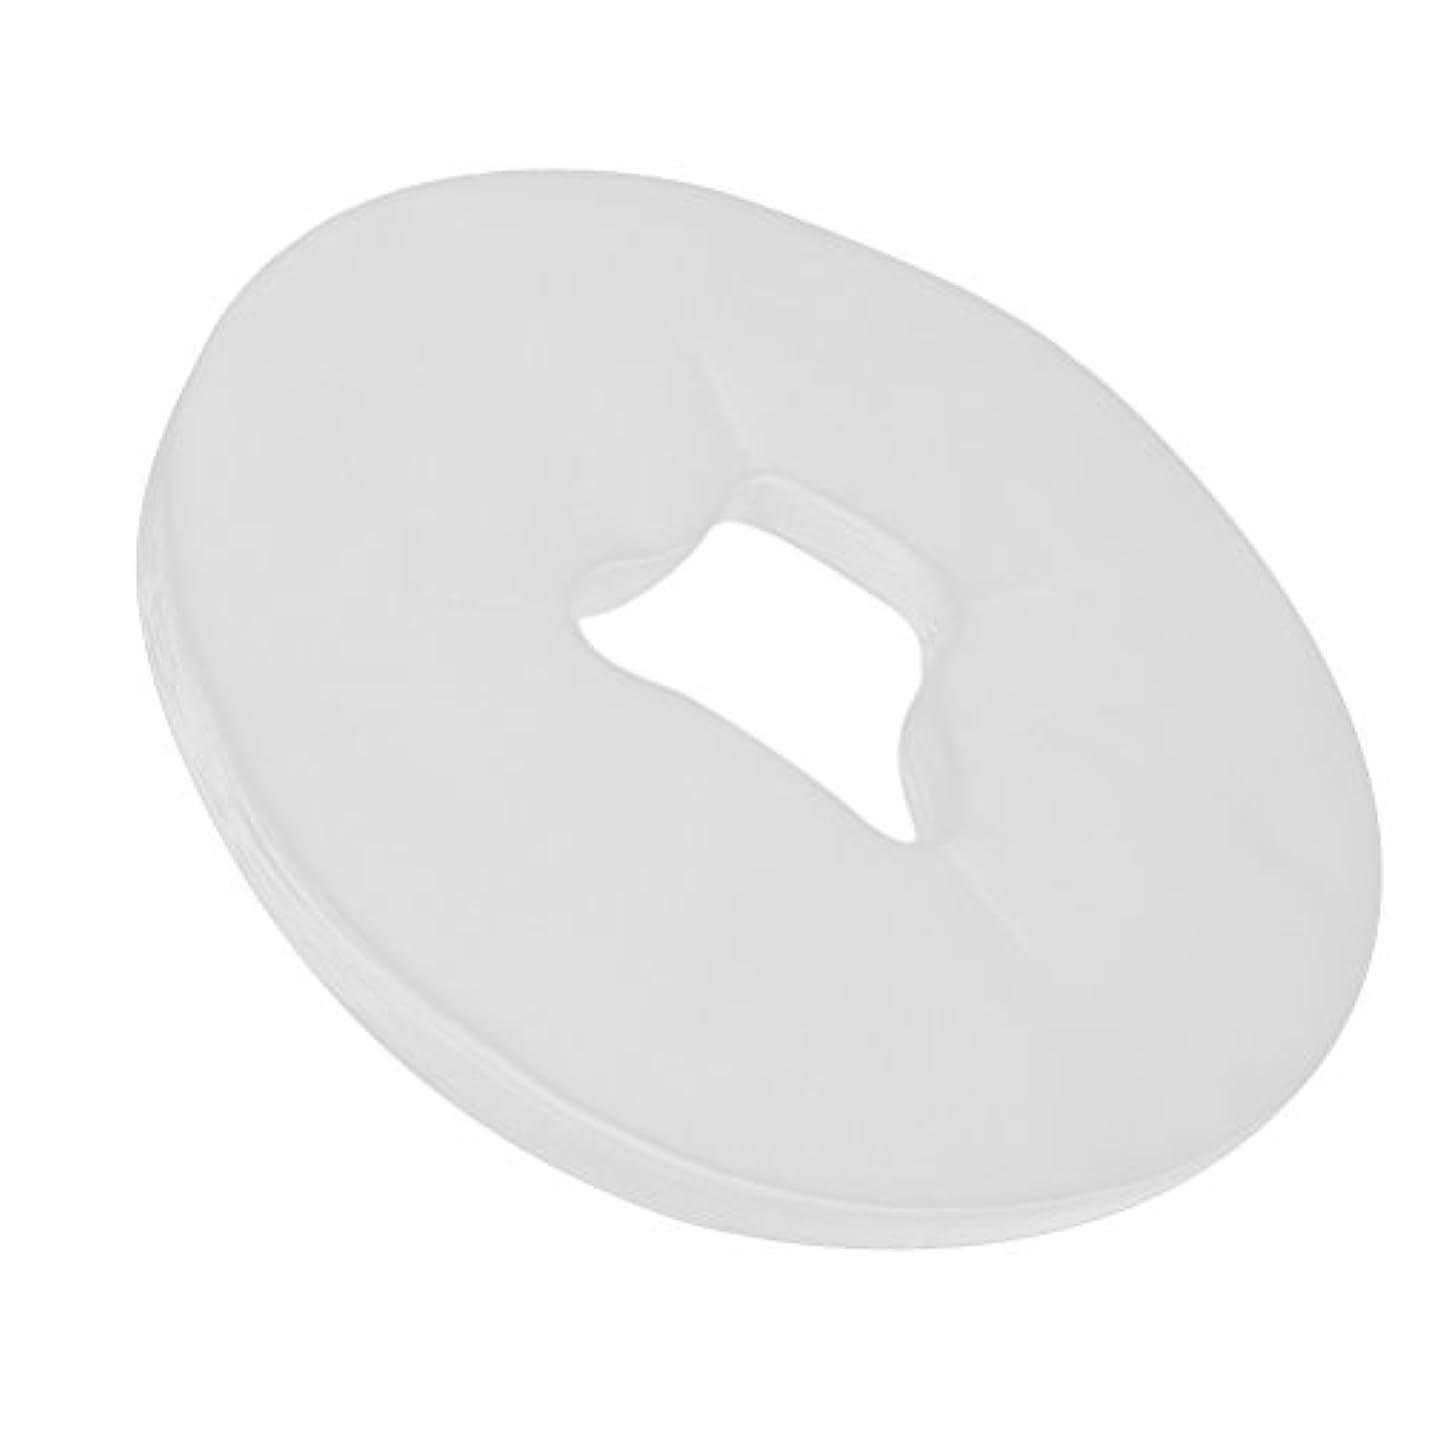 歯痛ビート規則性Healifty 100Pcs使い捨て可能な表面揺りかごはマッサージのテーブルのためのマッサージの表面残りカバーを覆います